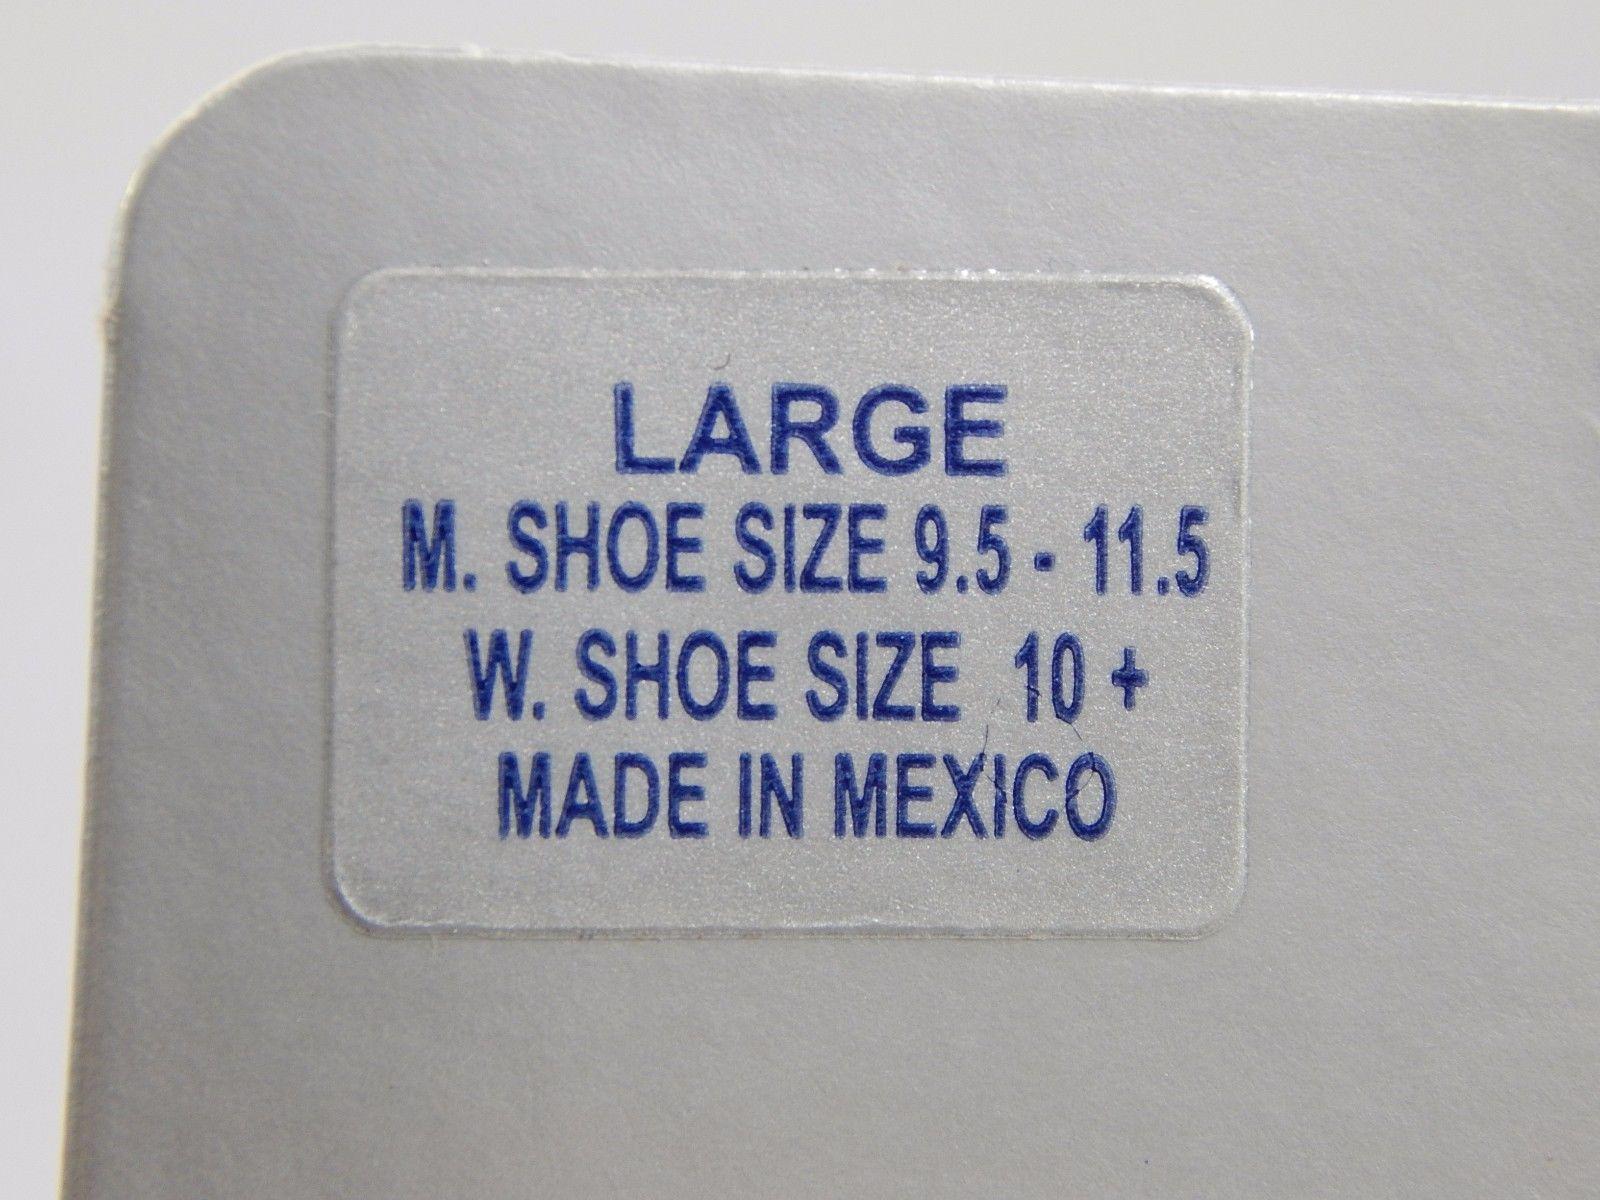 Asics Snap Down Wrestling Sock L Large Size 9.5-11.5 Men/ 10+ Women White/Gray